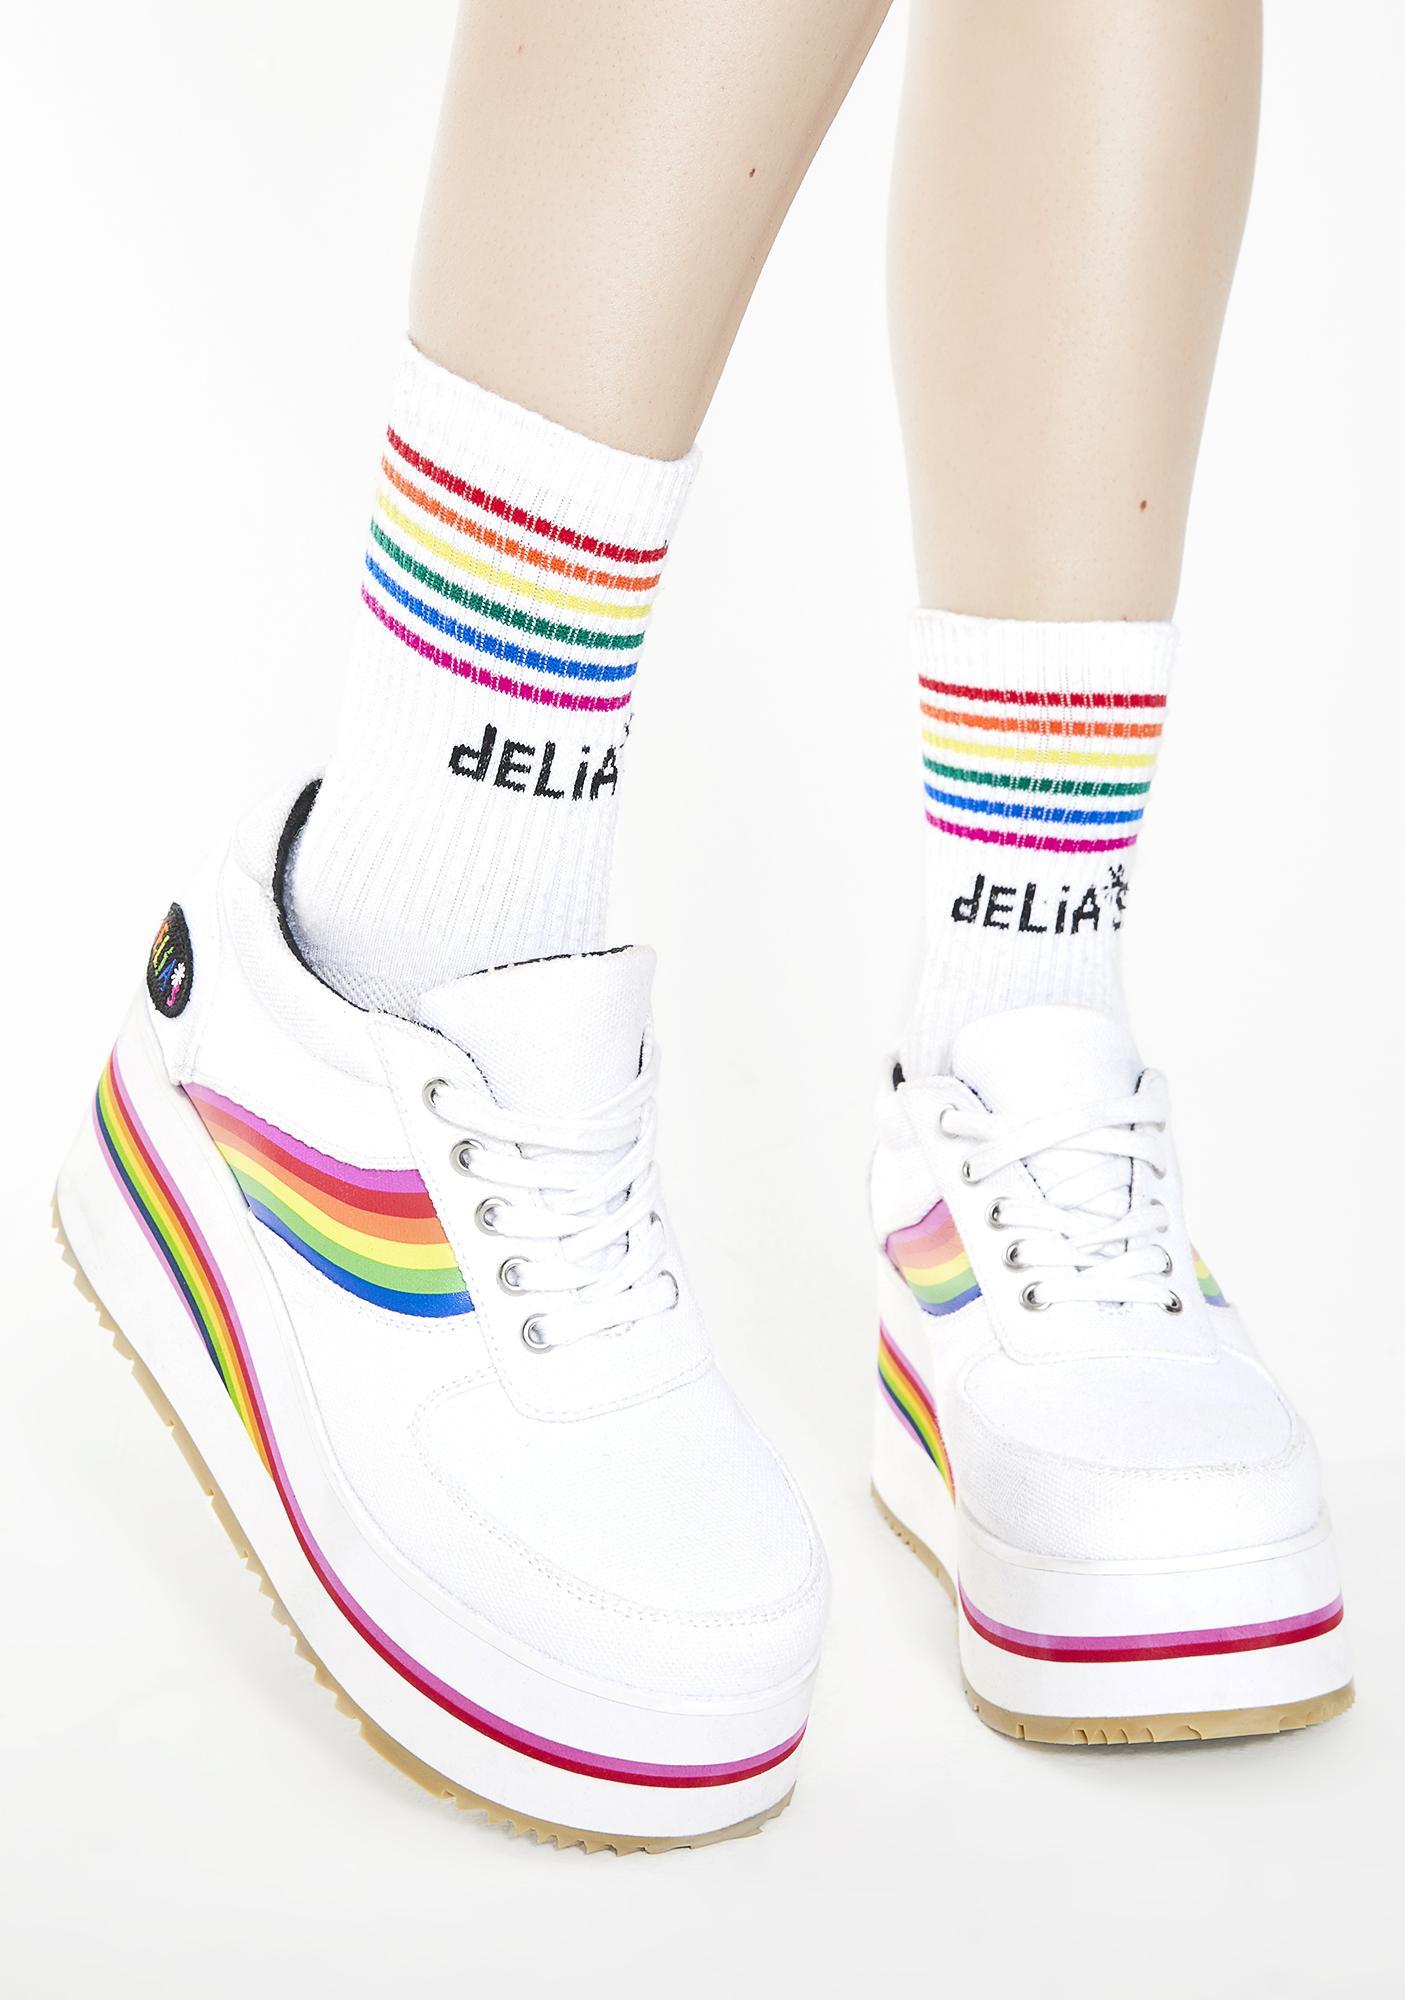 Sneaker dolls  Etsy